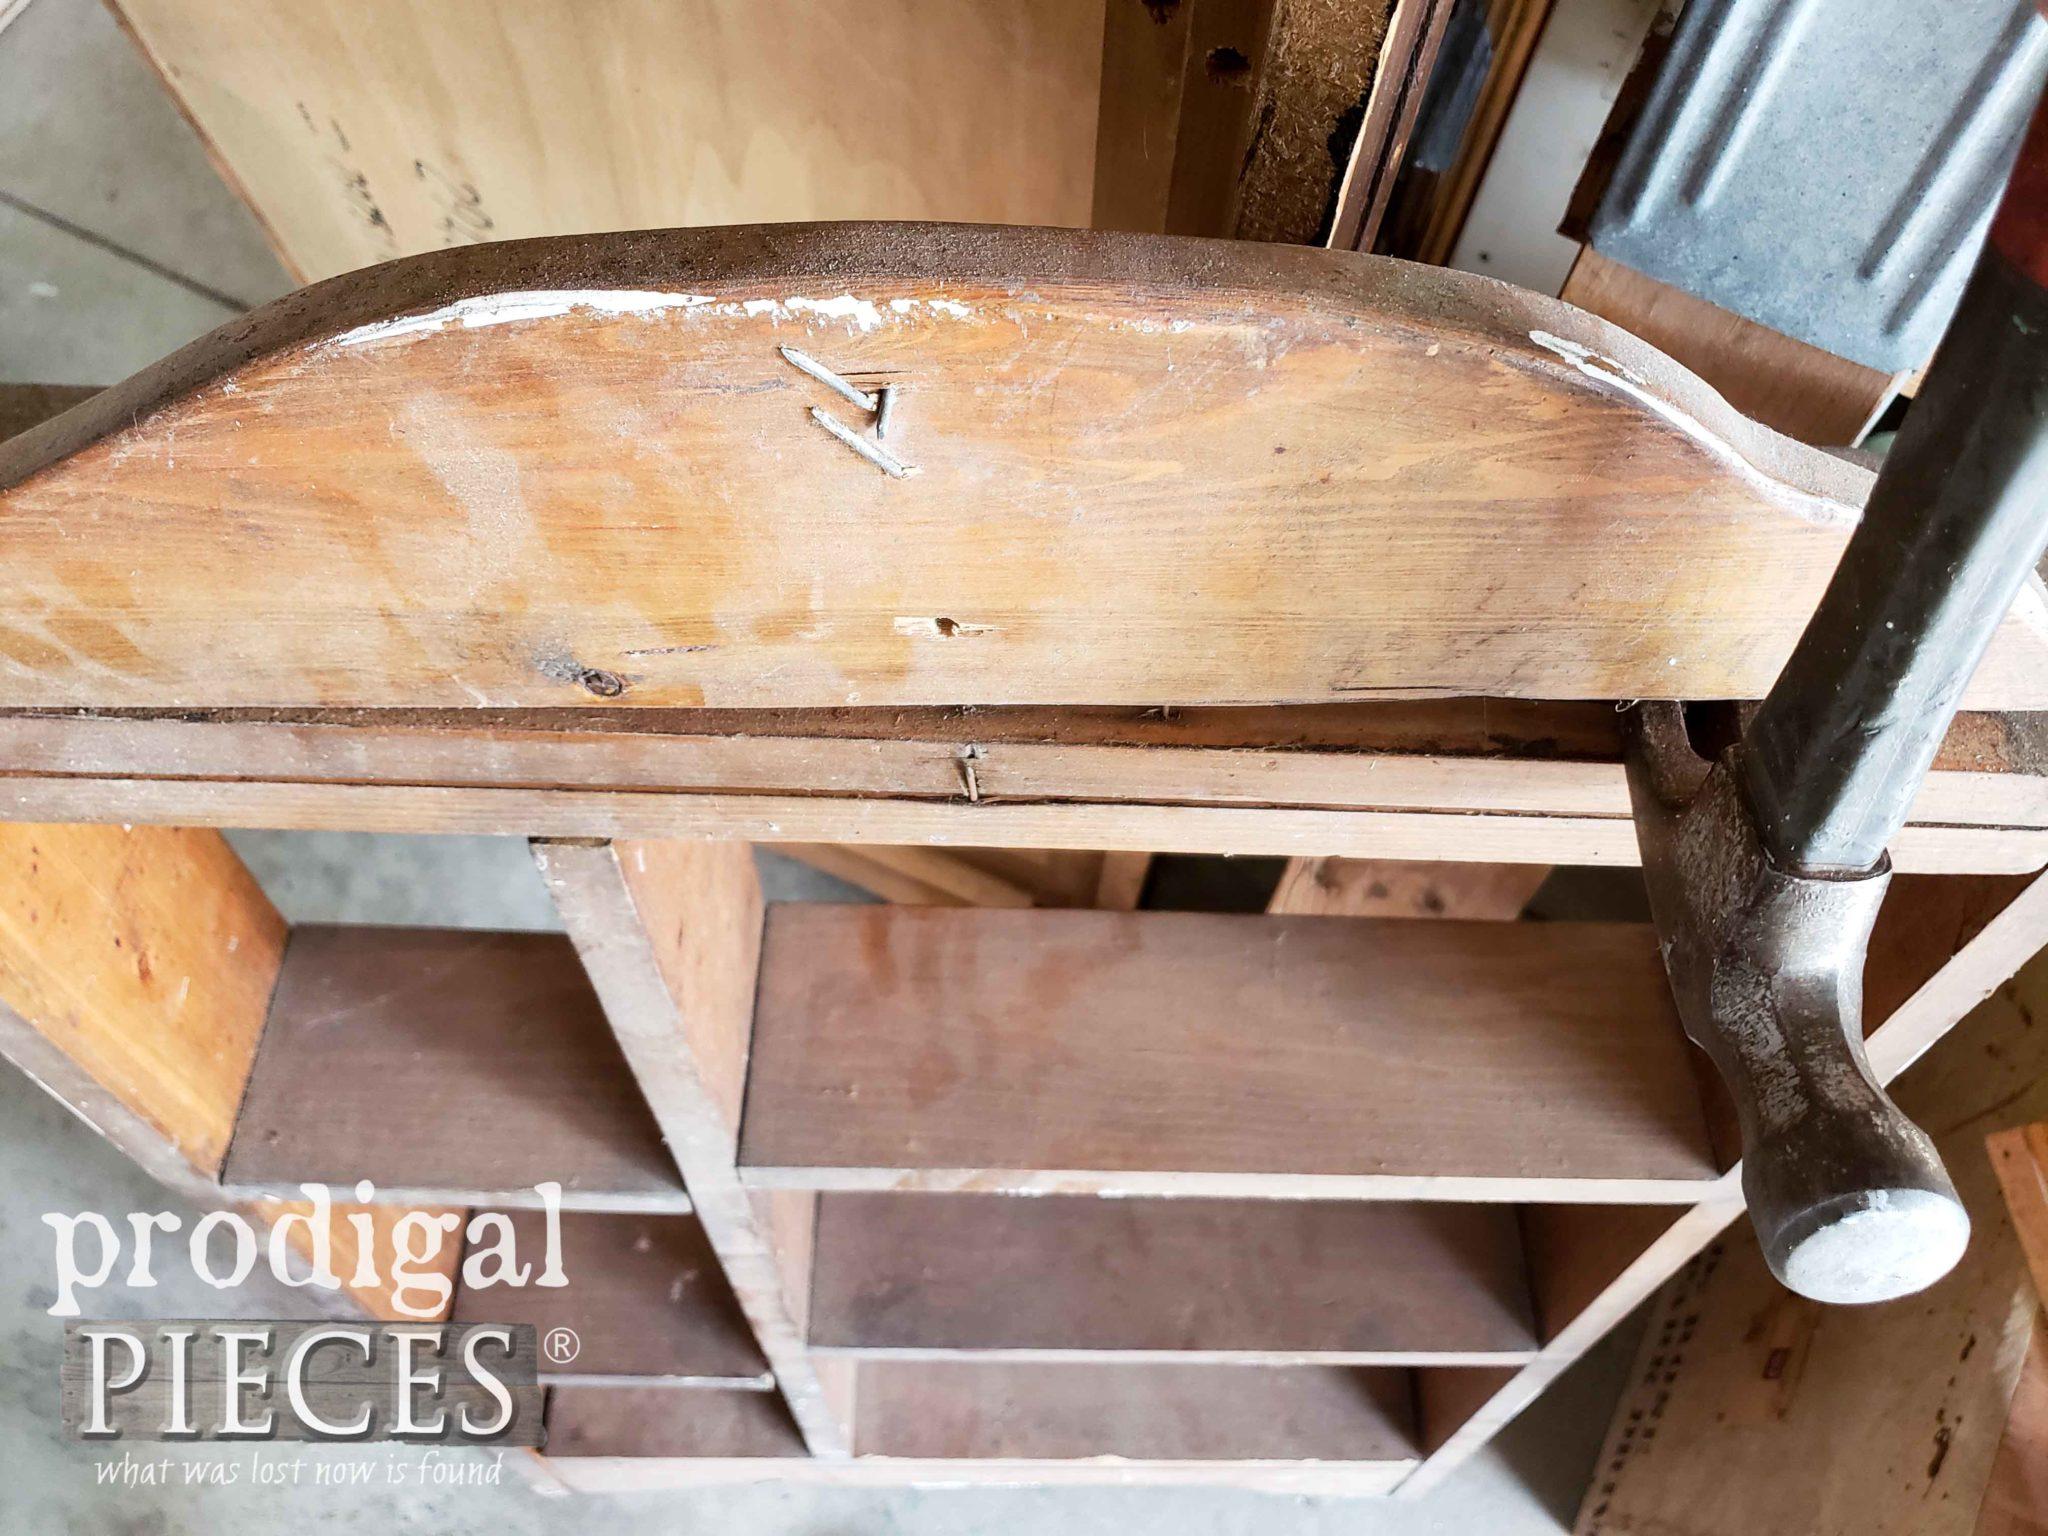 Tearing Handmade Shelf Apart | prodigalpieces.com